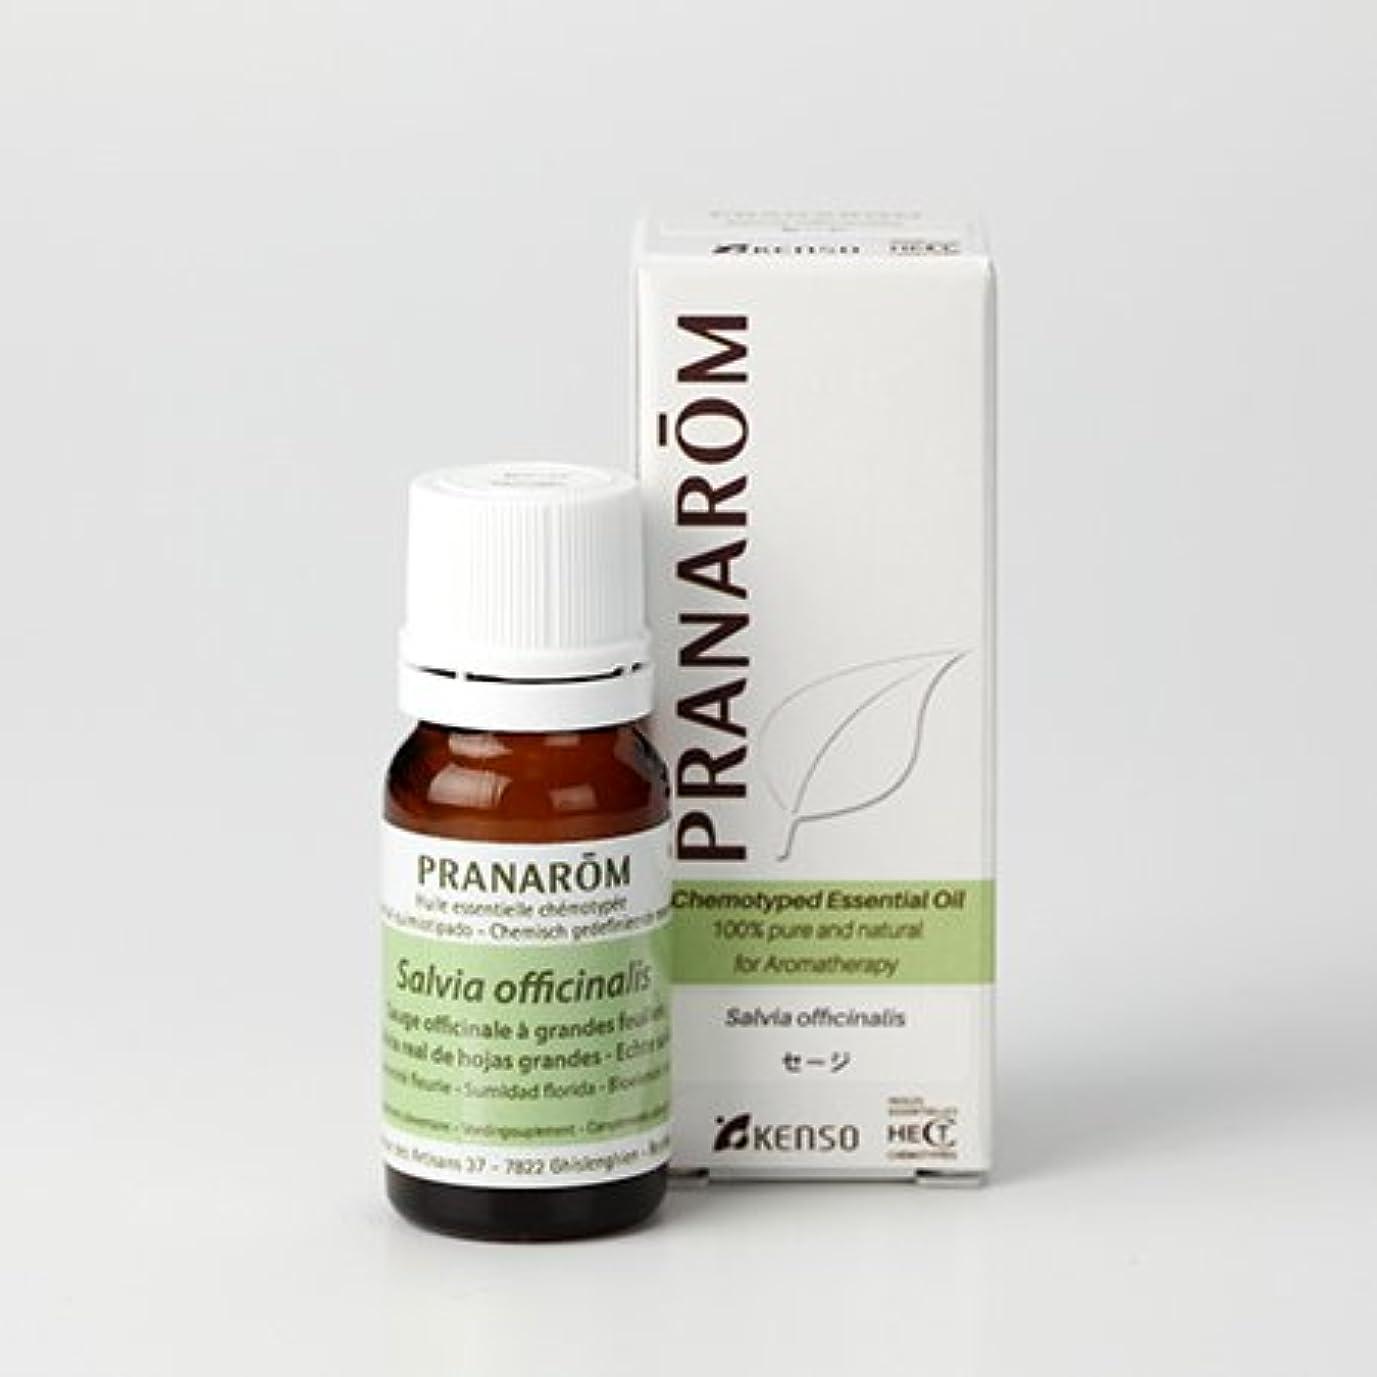 忘れられない表面有用【セージ 10ml】→樟脳のようなハッキリとした香り?(リフレッシュハーブ系)[PRANAROM(プラナロム)精油/アロマオイル/エッセンシャルオイル]P-164